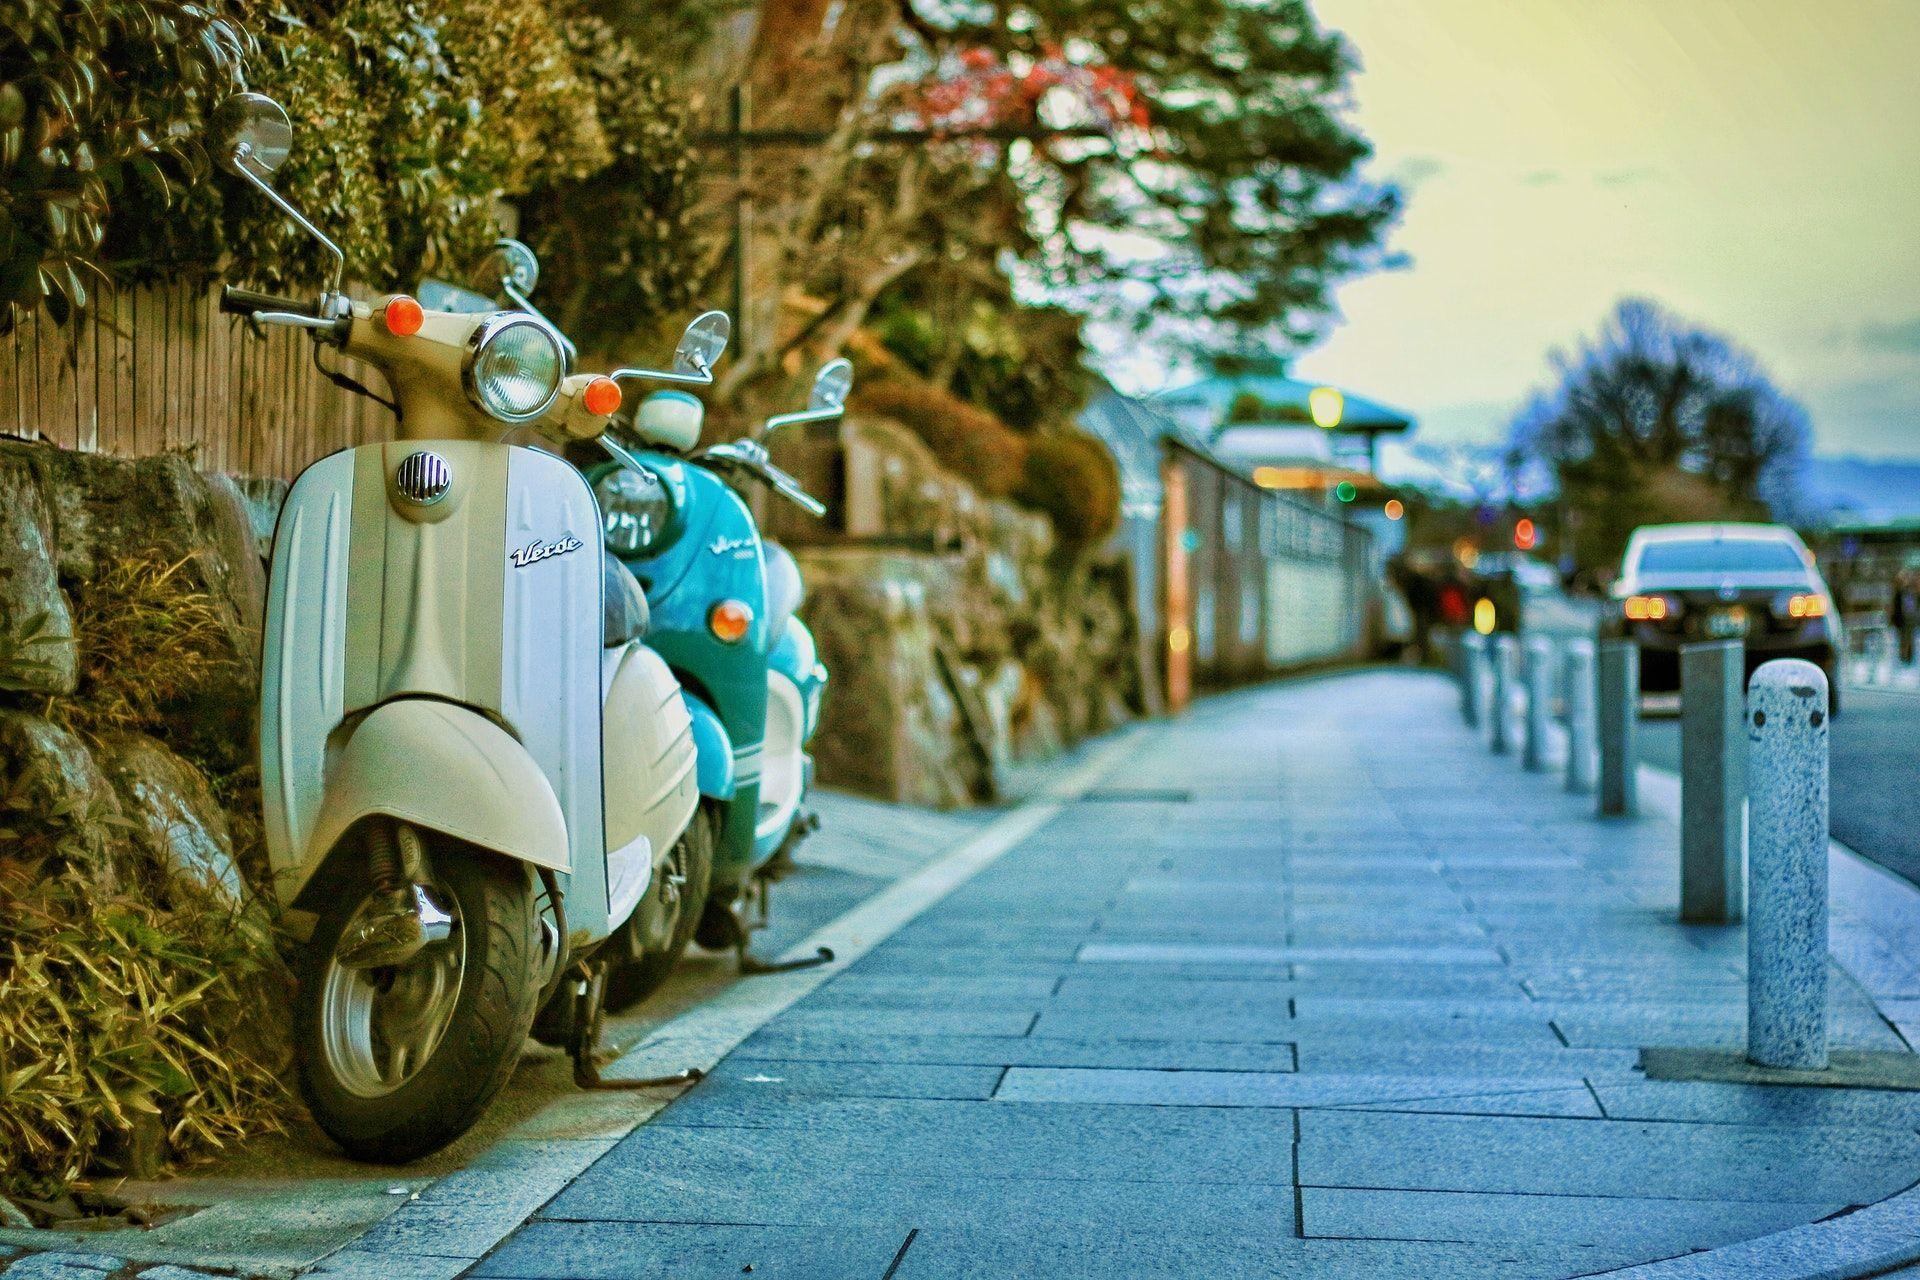 Alquila motos y bicicletas